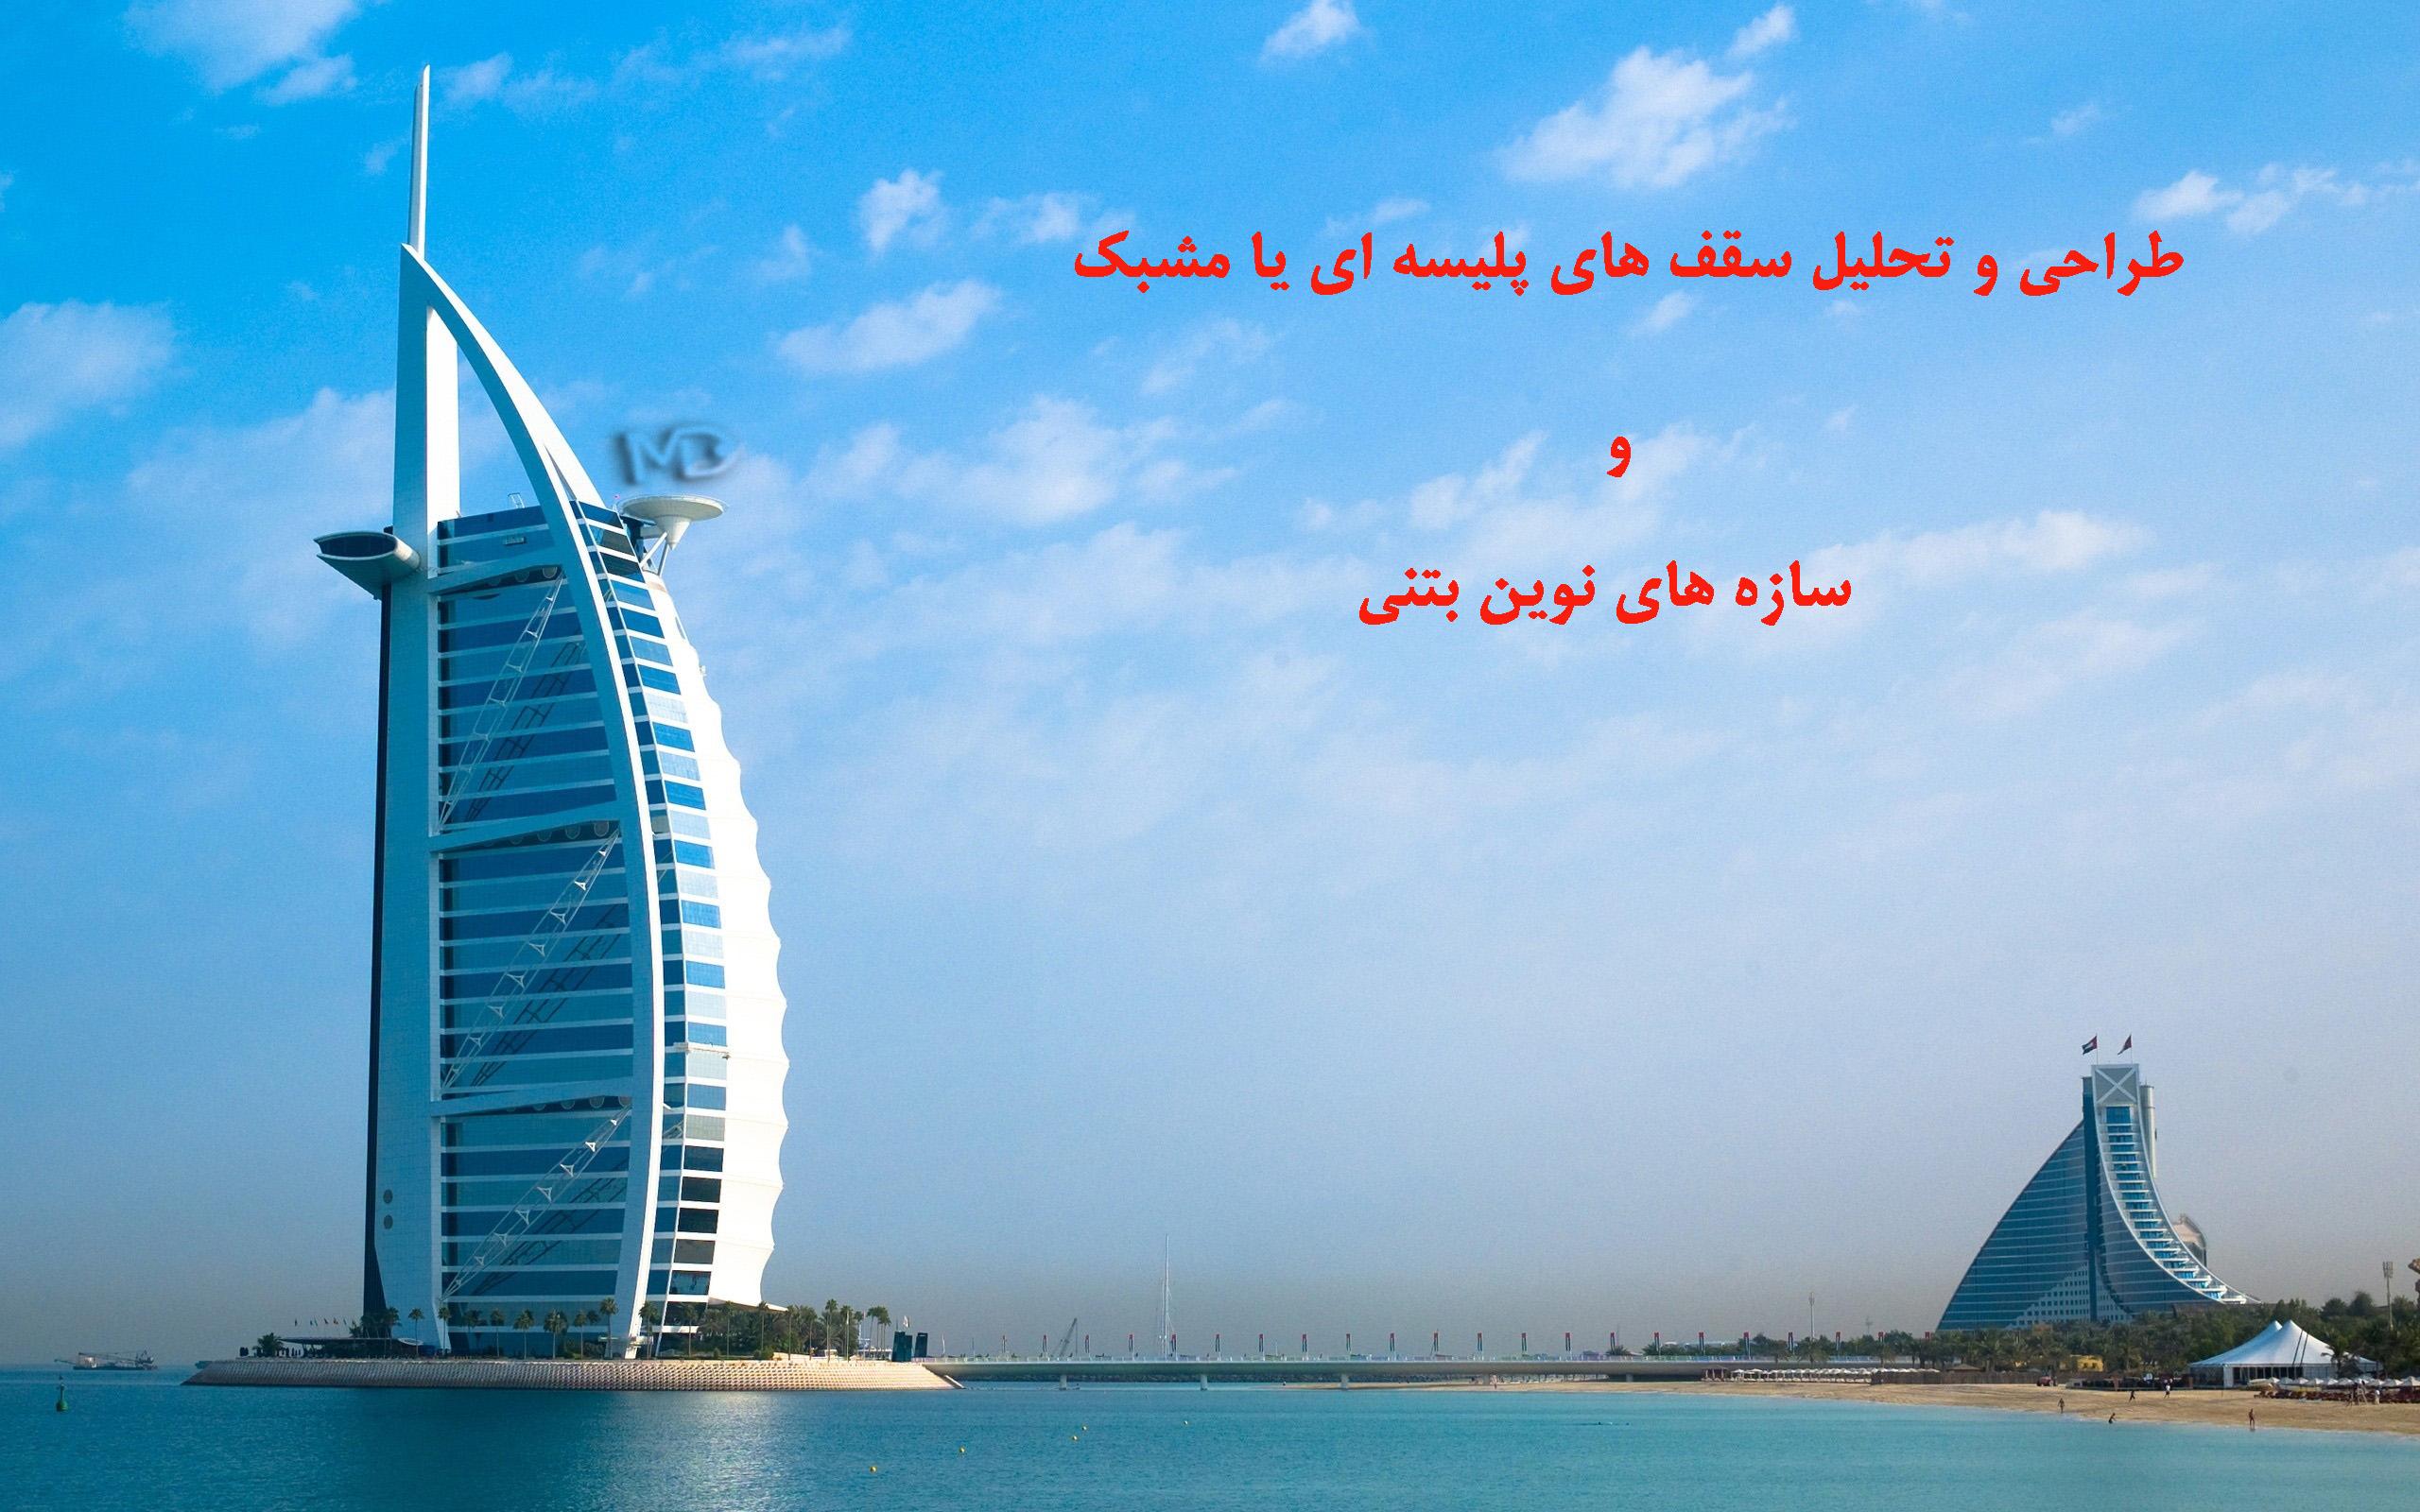 Beautiful Burj Al Arab United Arab Emirates دانلود کتاب طراحی و تحلیل سقف های پلیسه ای یا مشبک